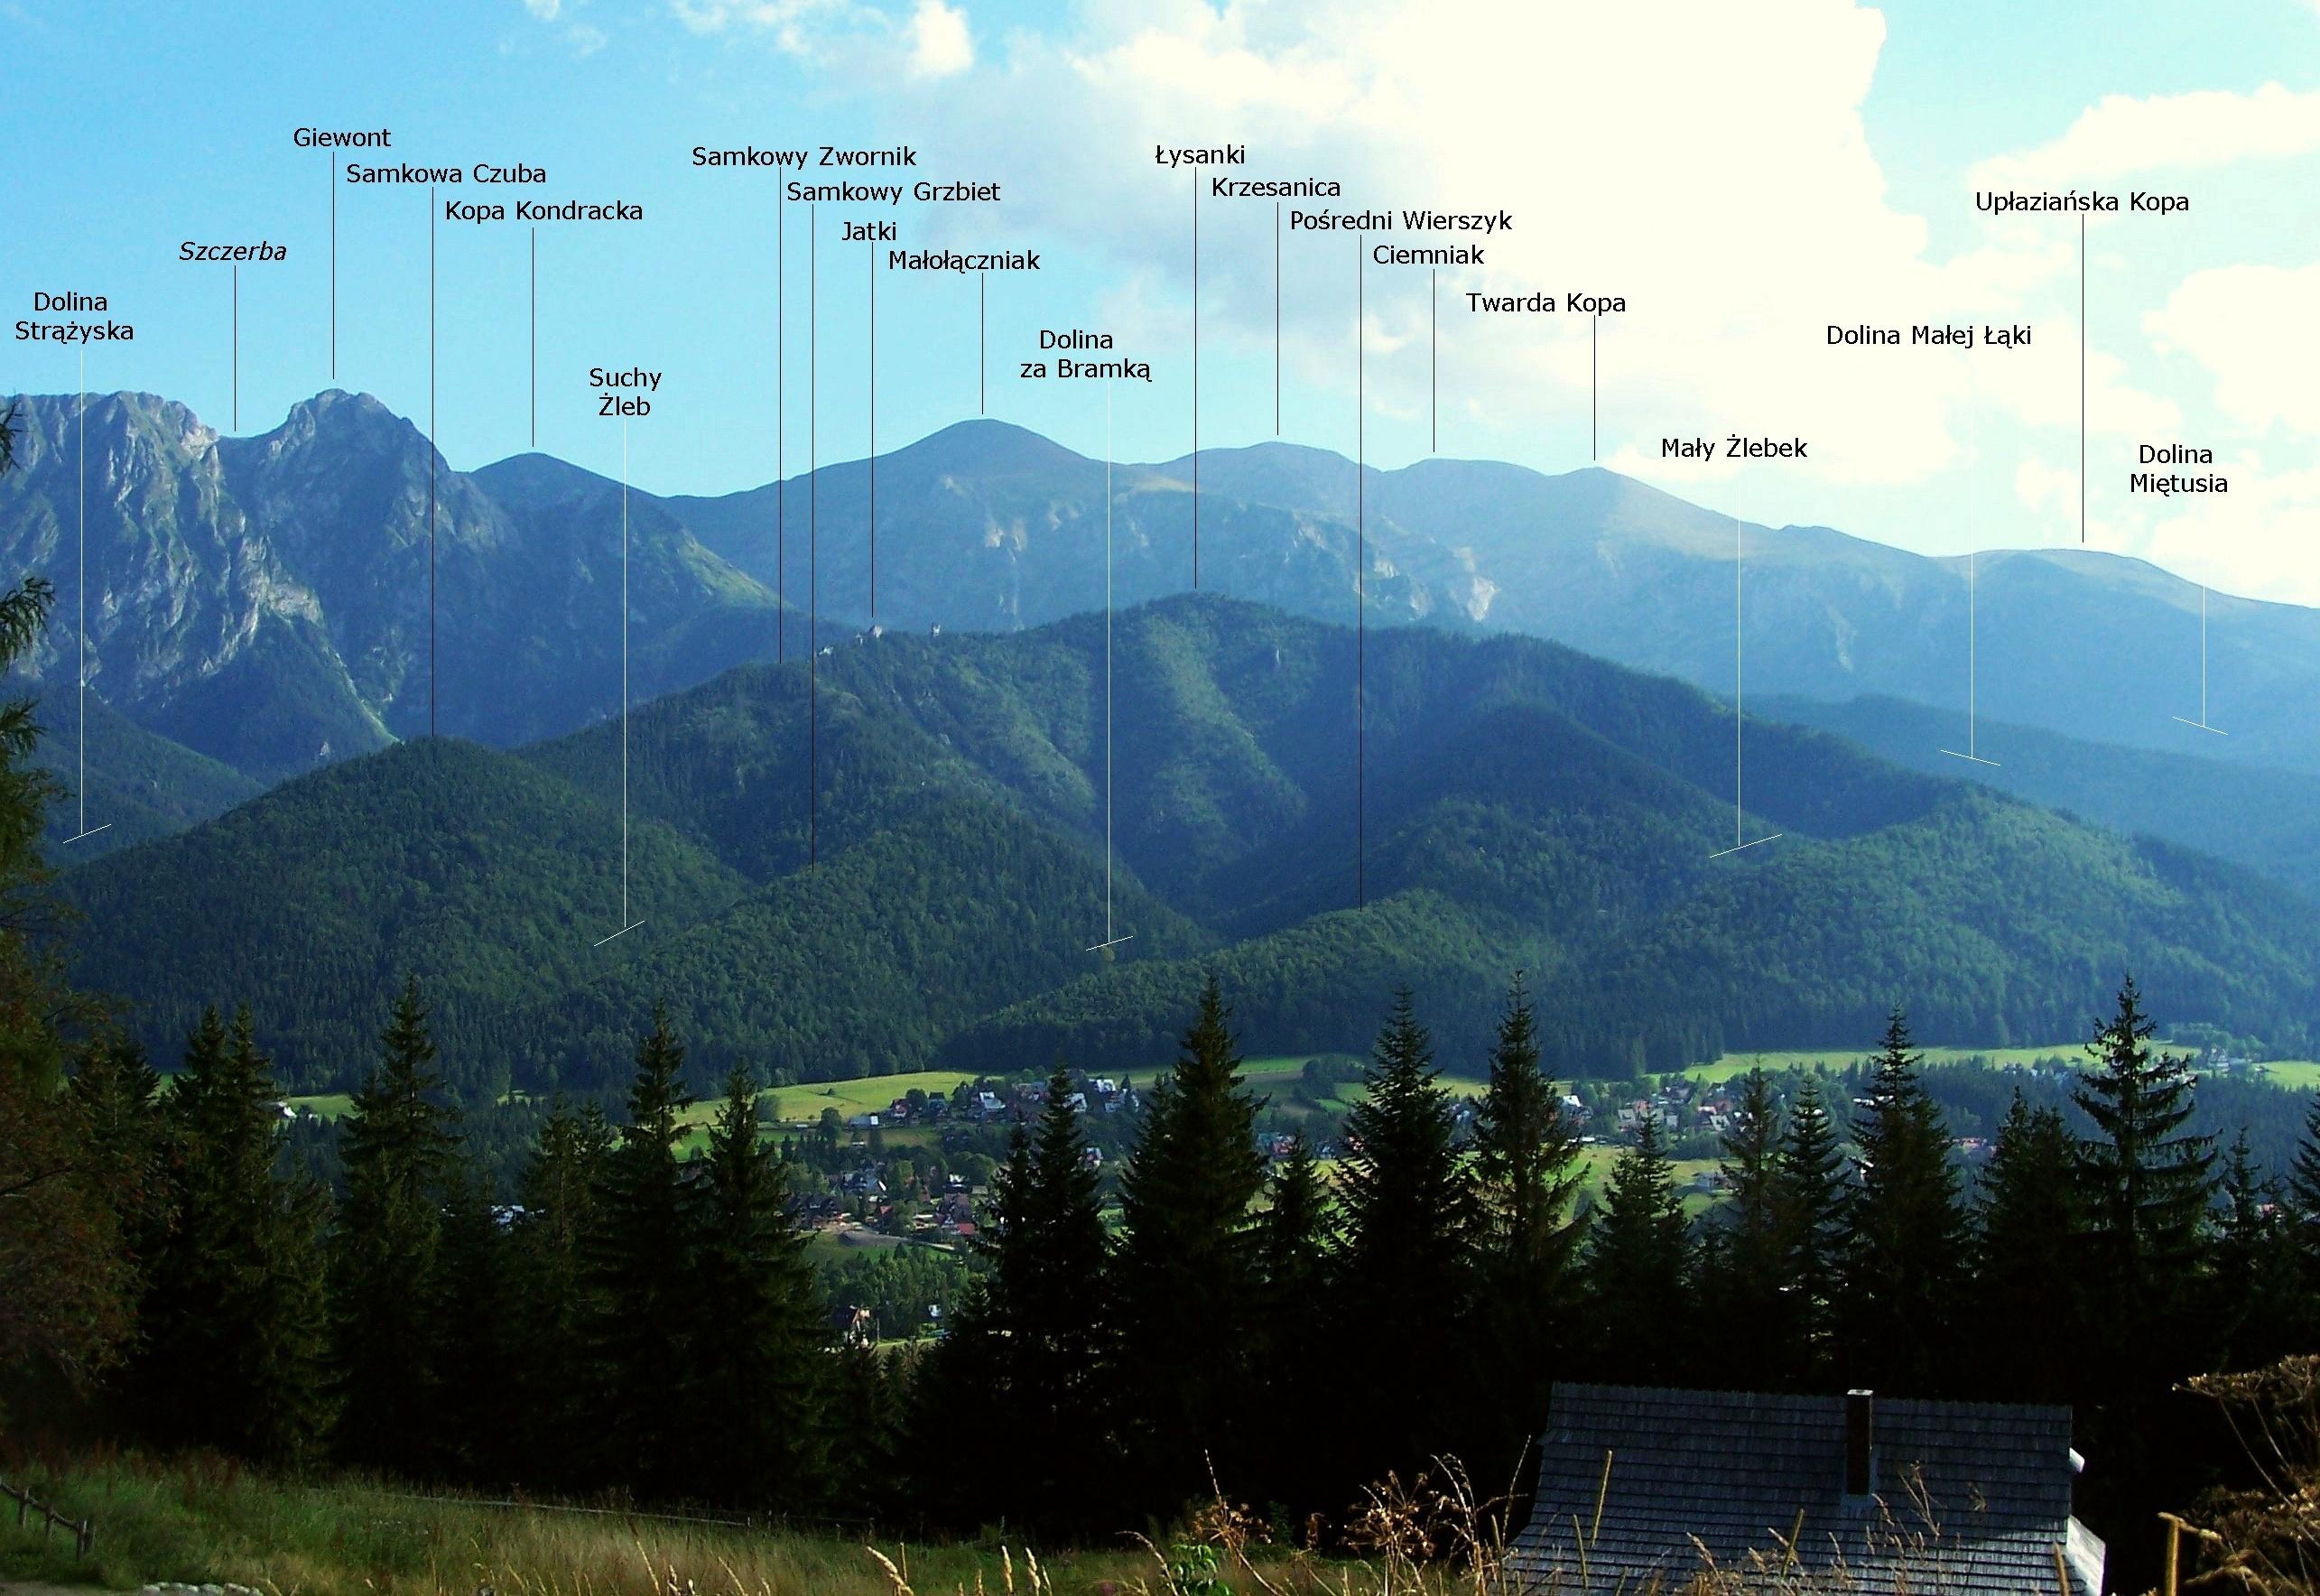 Lokalizacja Doliny za Bramką, fot. Jerzy Opioła, źródło: Wikimedia, GNU